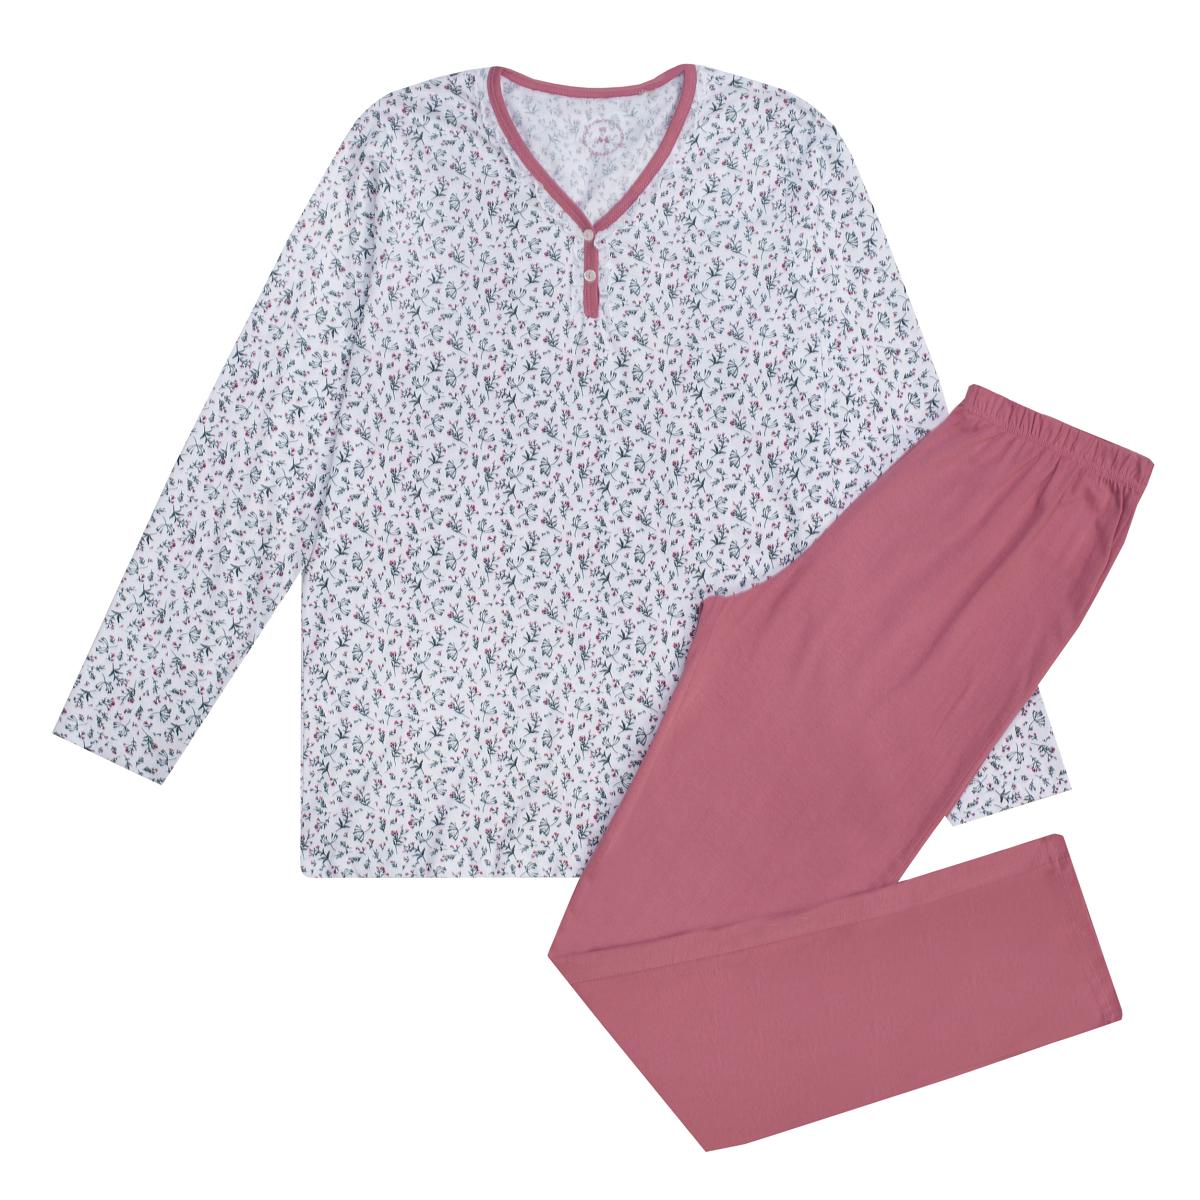 Ženska pižama, bela